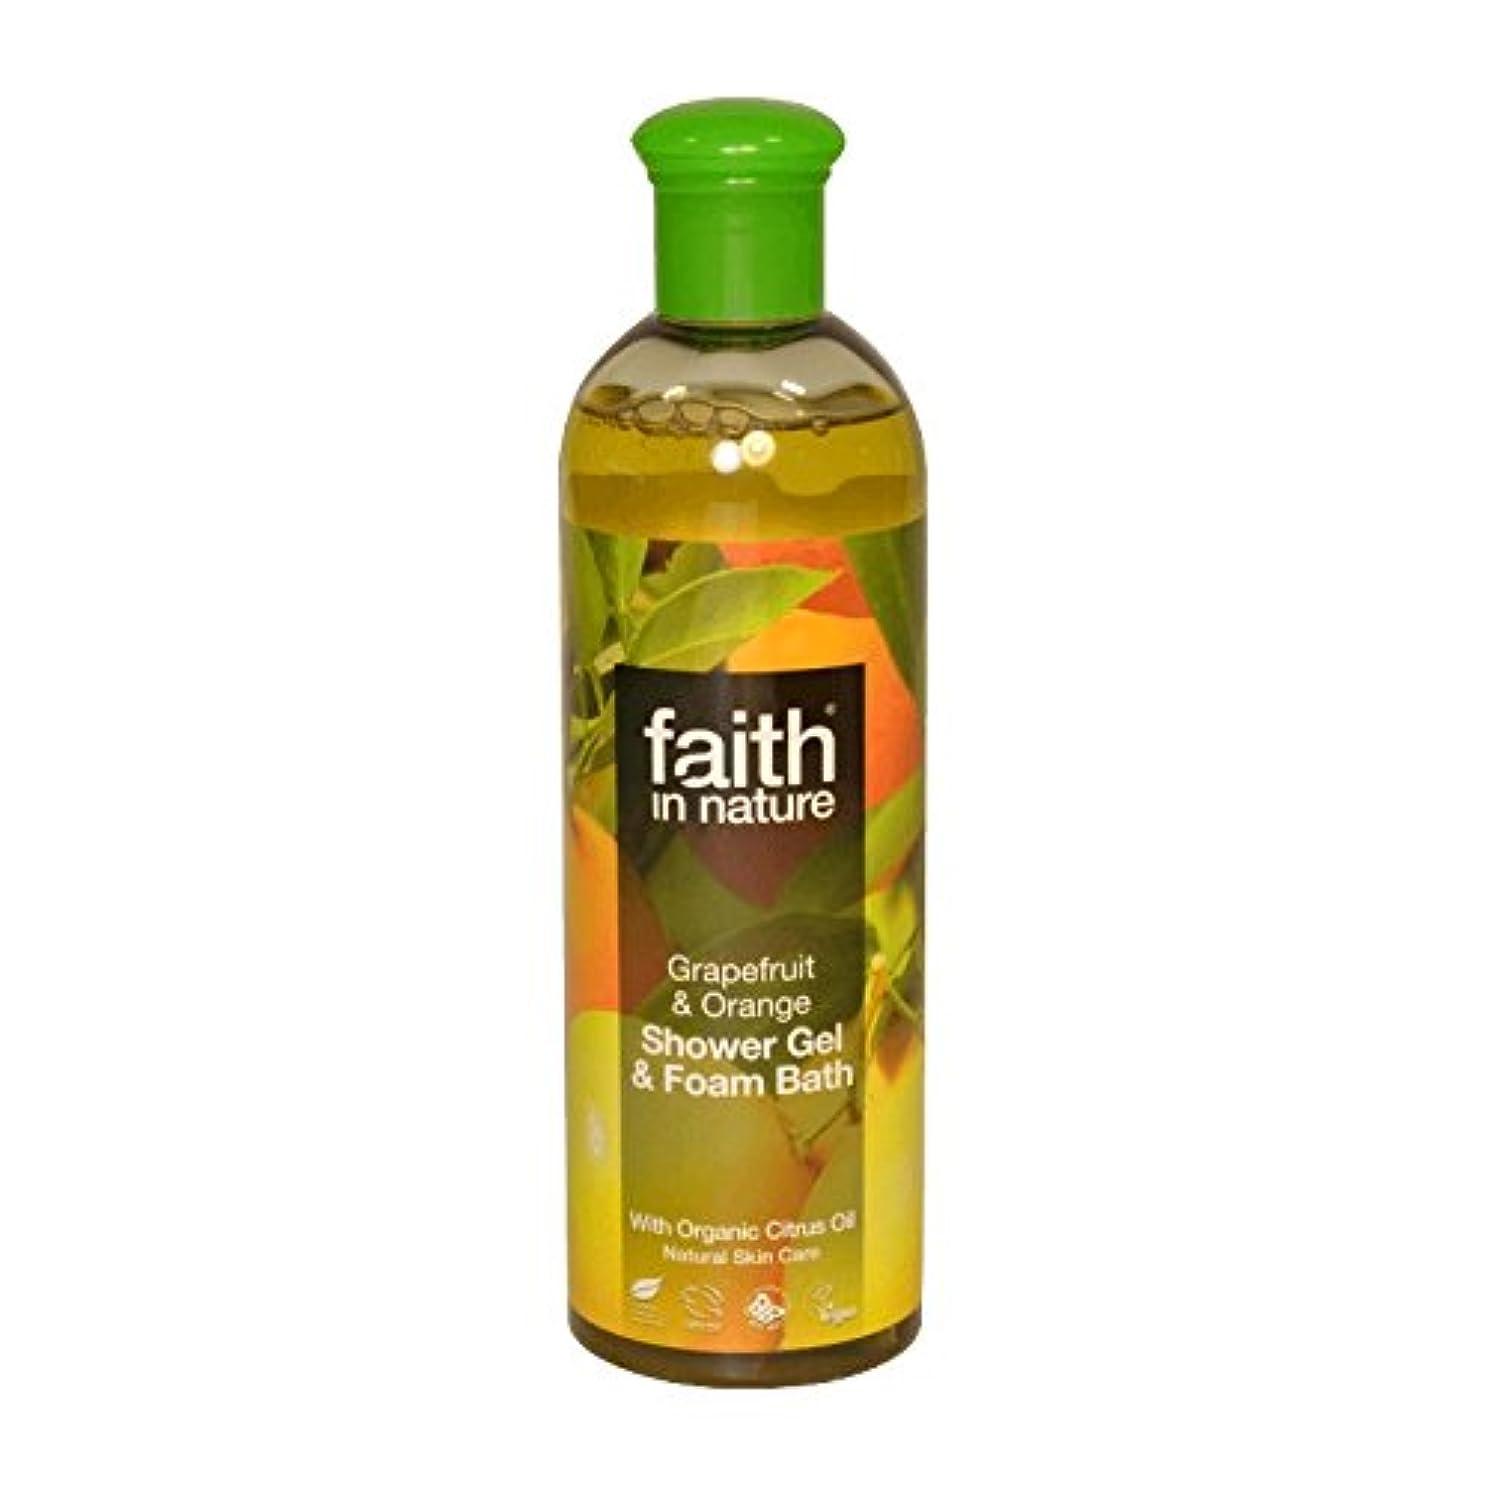 終わりすべてスペース自然グレープフルーツ&オレンジシャワージェル&バス泡400ミリリットルの信仰 - Faith in Nature Grapefruit & Orange Shower Gel & Bath Foam 400ml (Faith in Nature) [並行輸入品]